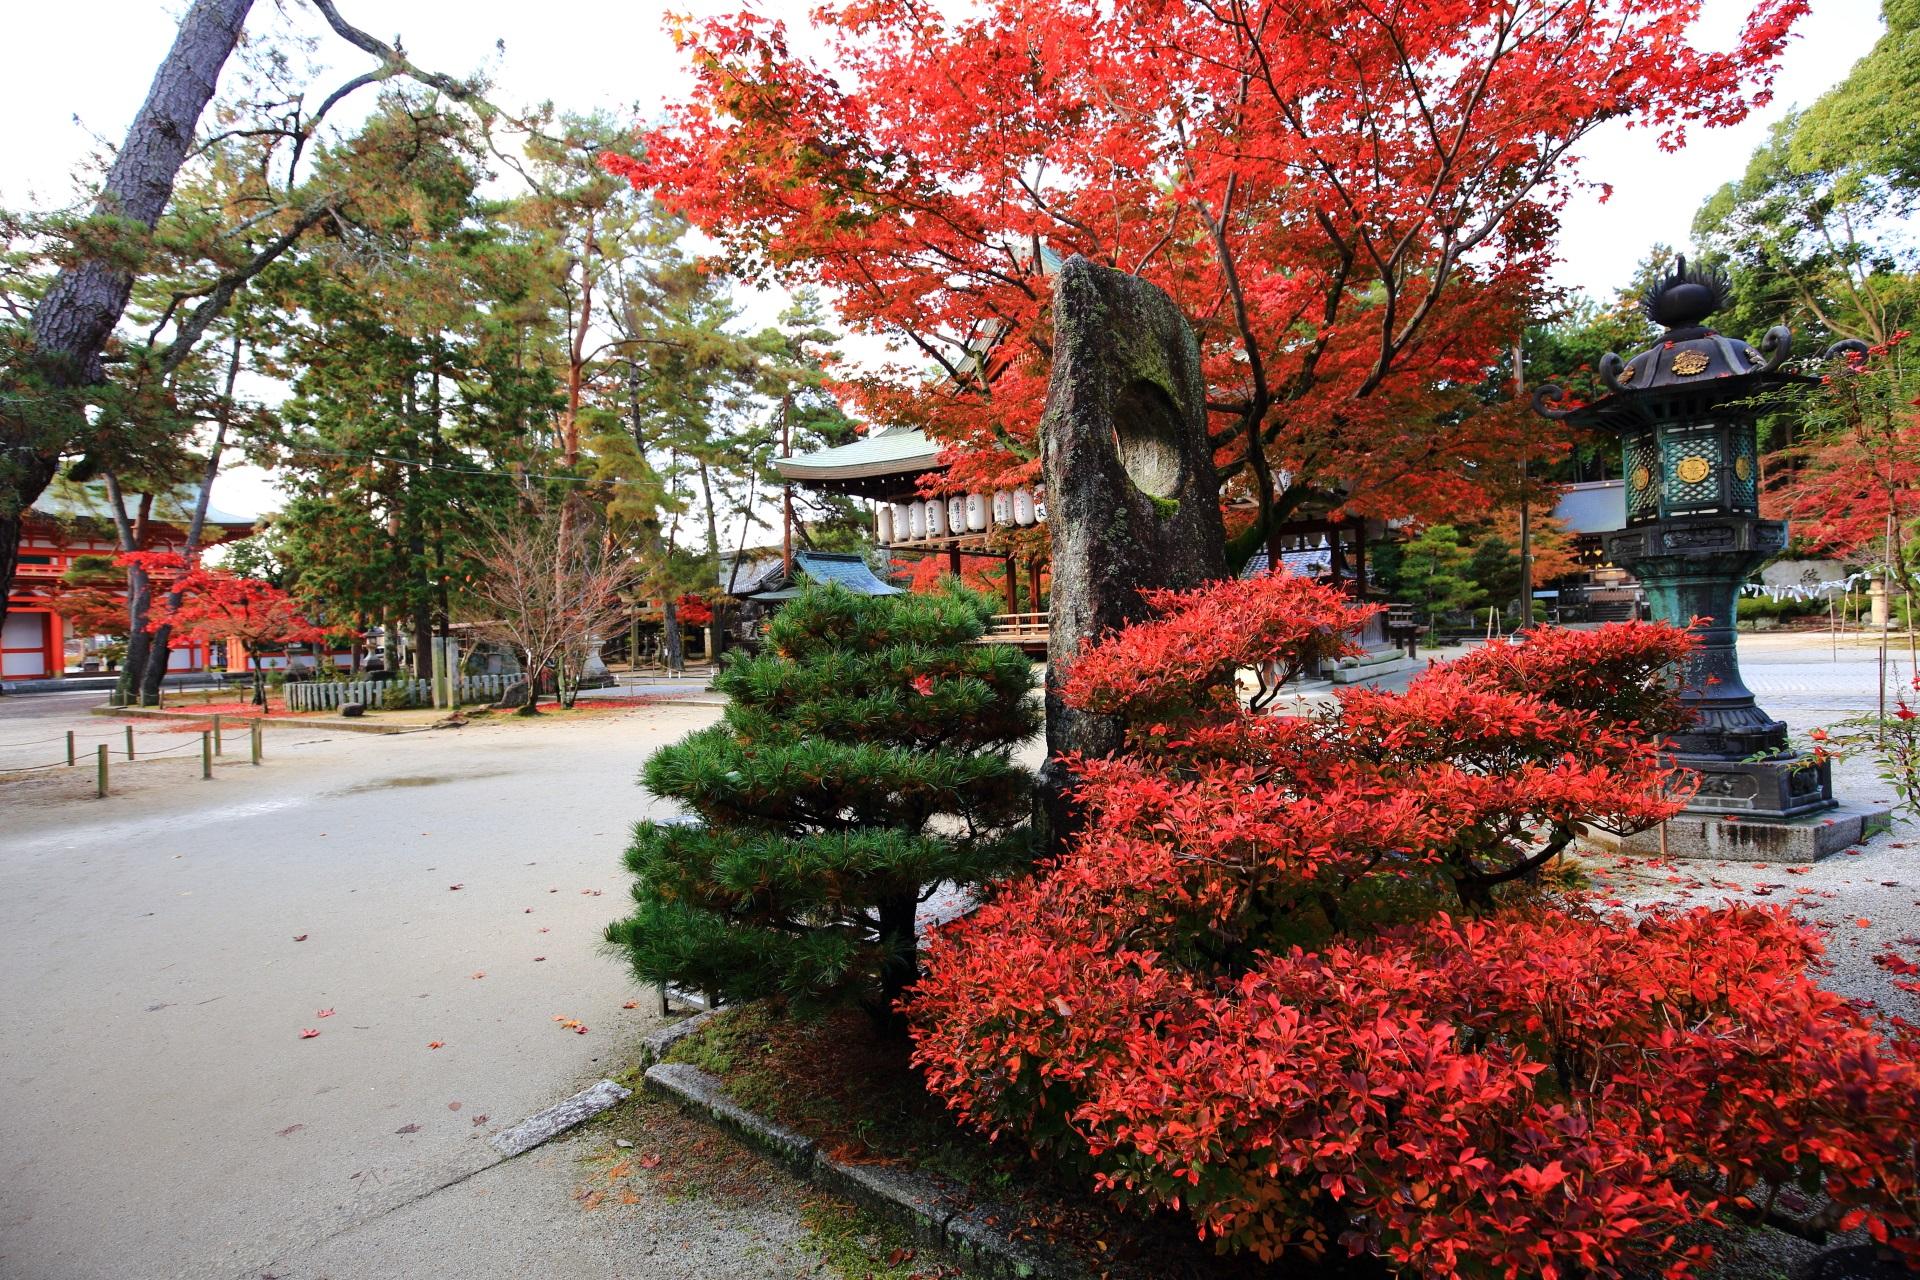 見事な秋色につつまれる今宮神社の境内とツツジの紅葉